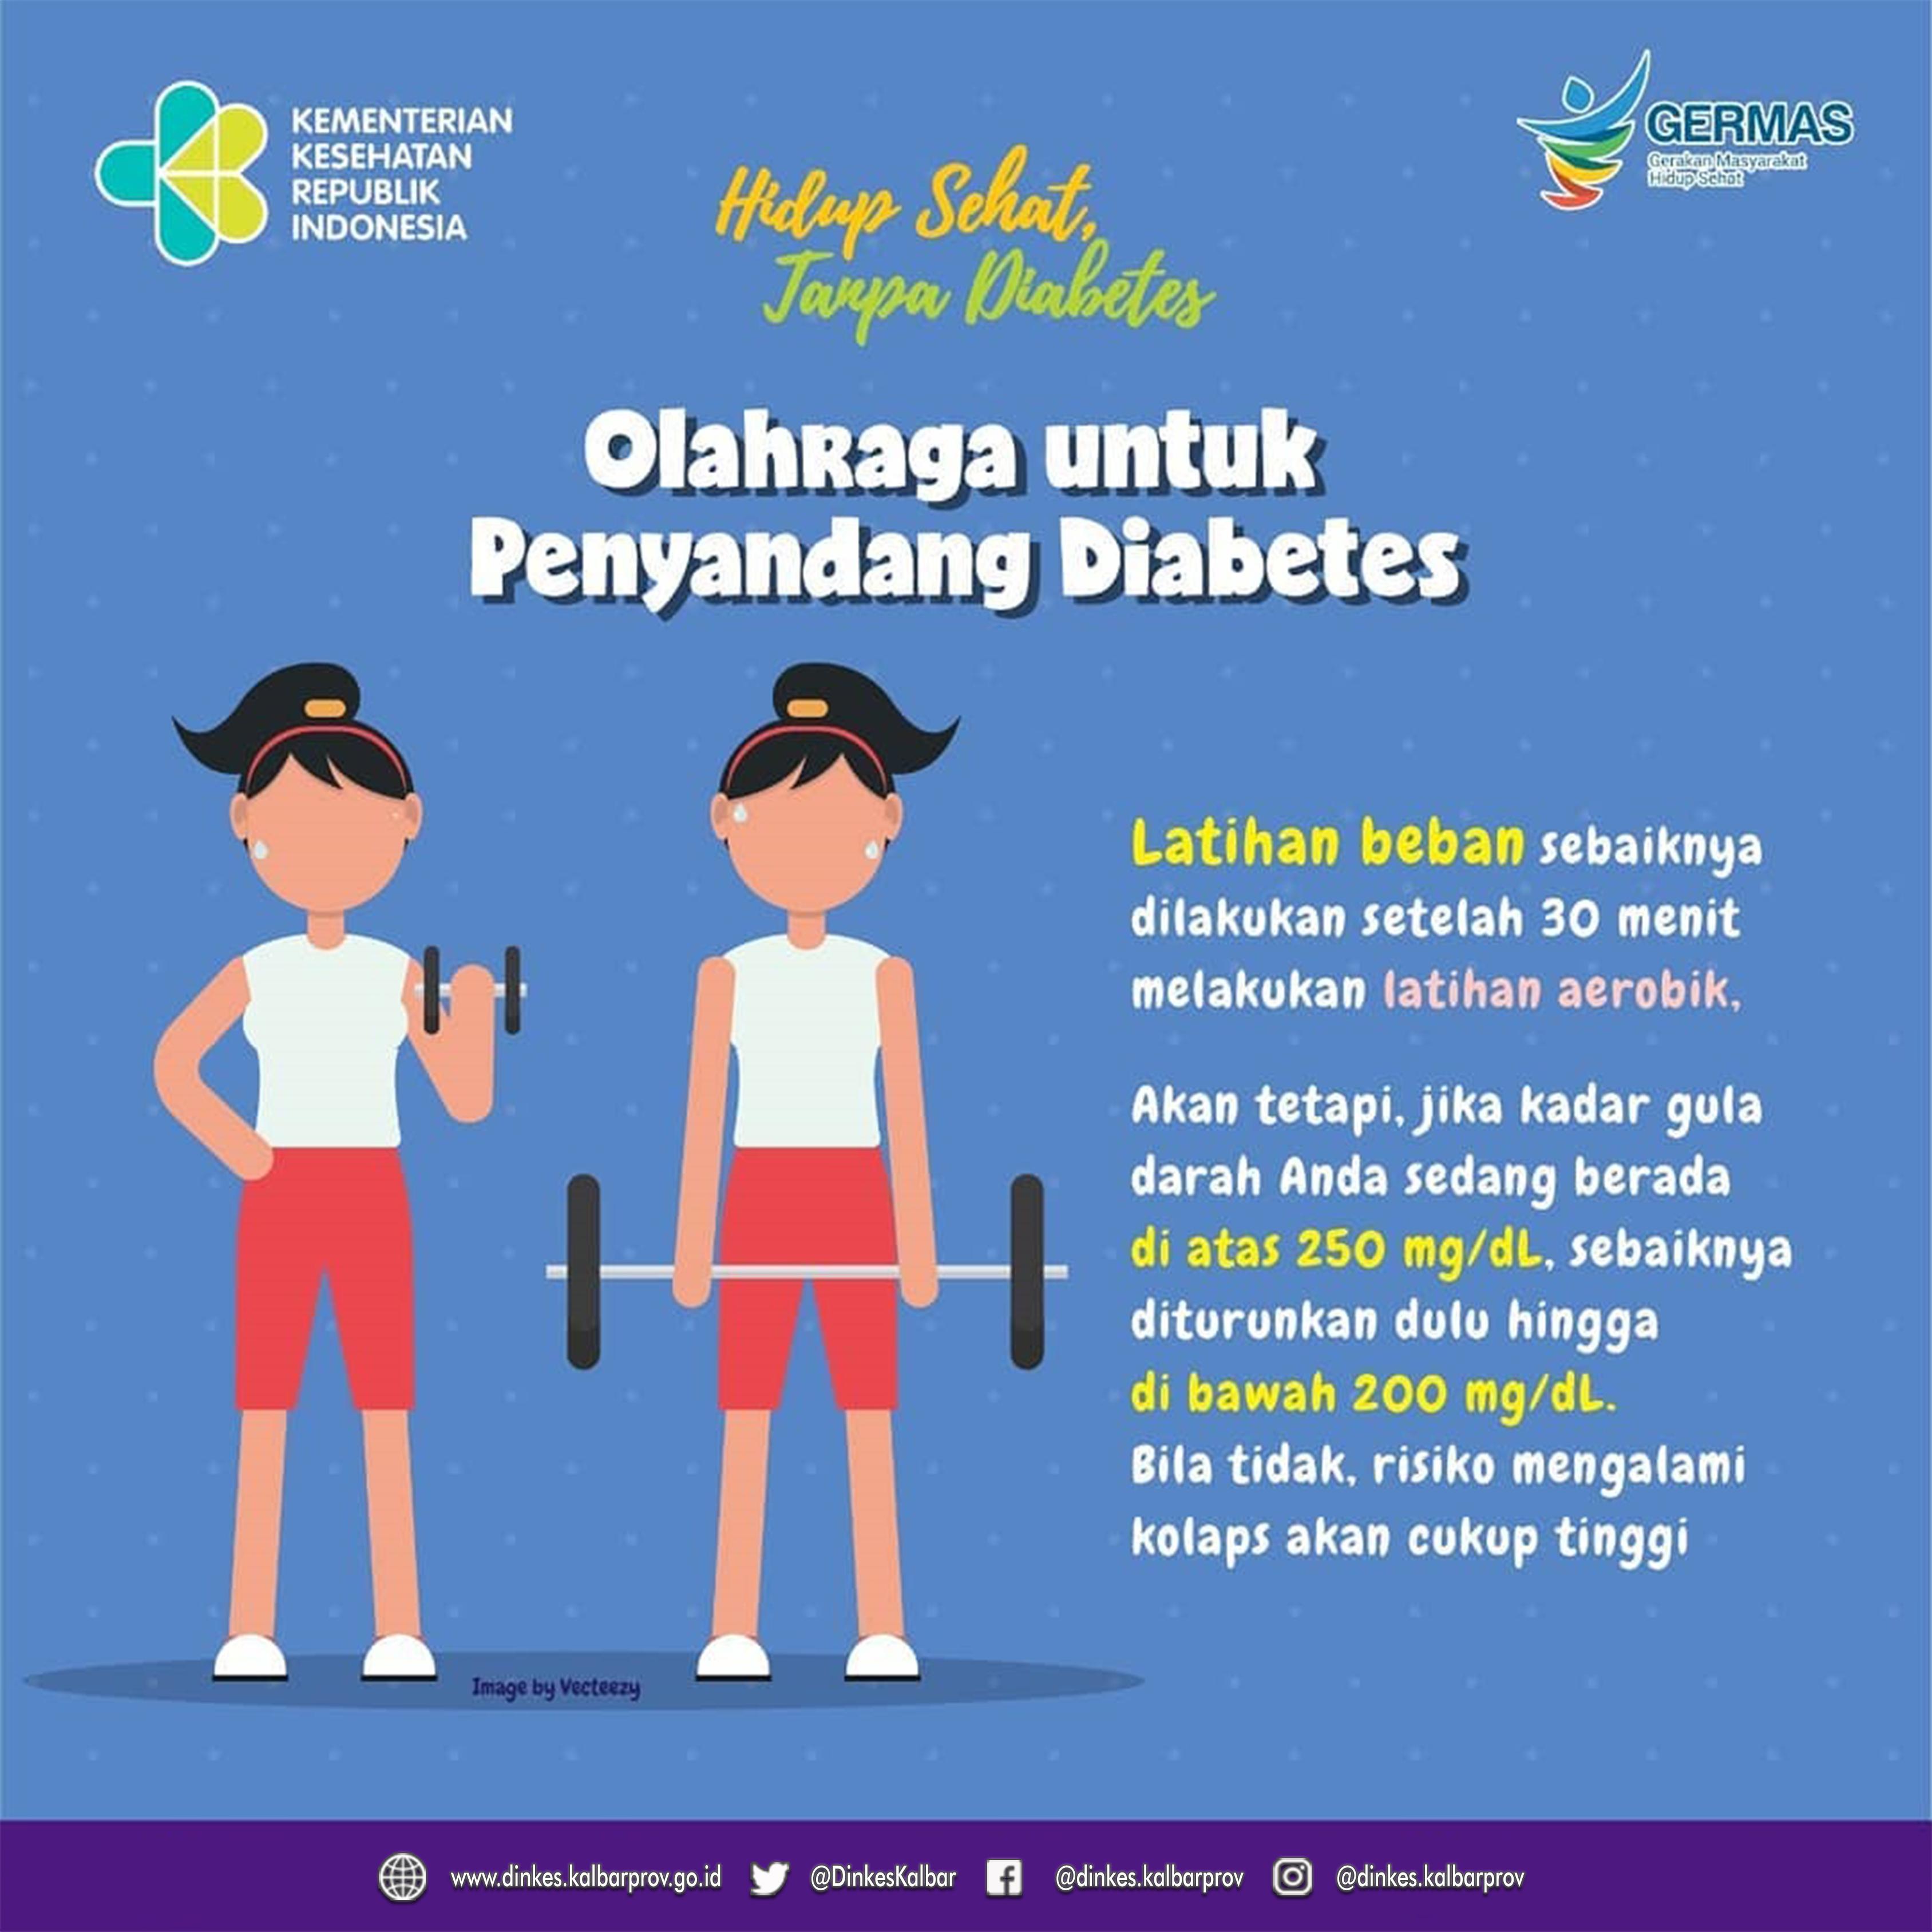 Sebelum Anda melakukan olahraga, perhatikan hal-hal berikut ini agar olahraga yang dilakukan dapat terukur dengan benar dan dapat menstabilkan kadar gula darah Anda.  #CERDIK #CegahPTM #DukungGERMAS #hidupsehattanpadiabetes